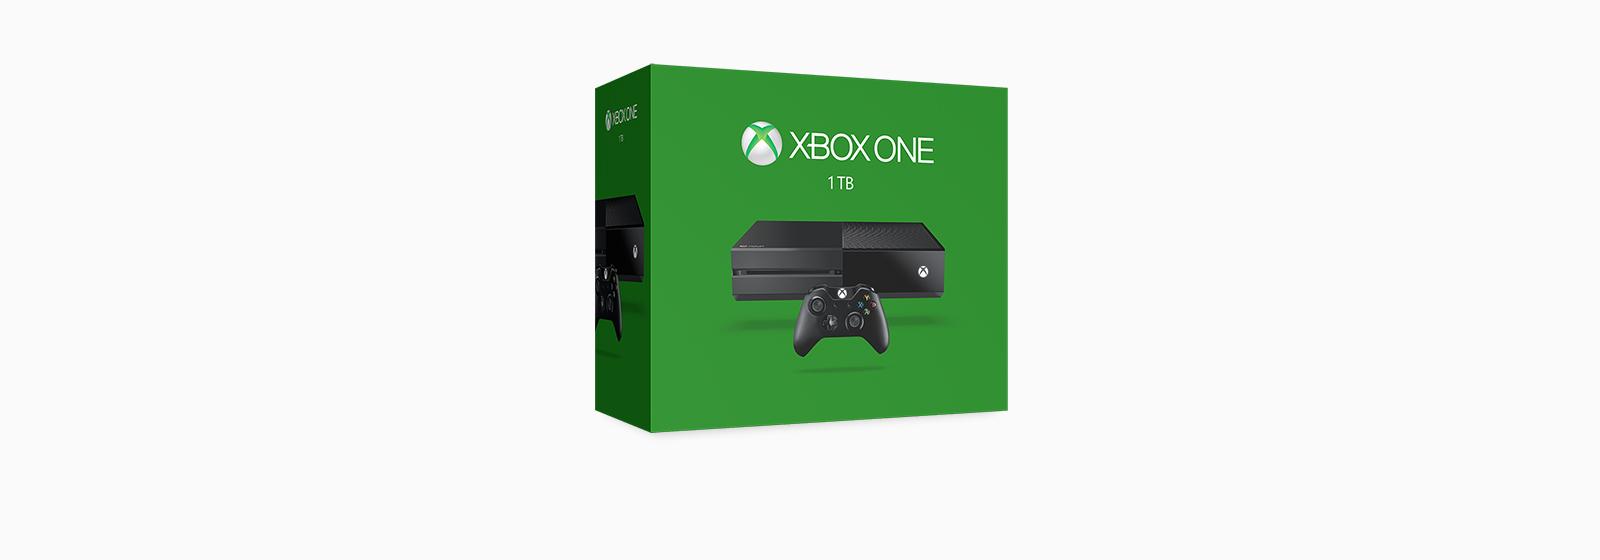 Tudjon meg többet az új 1 TB-os Xbox konzolról!